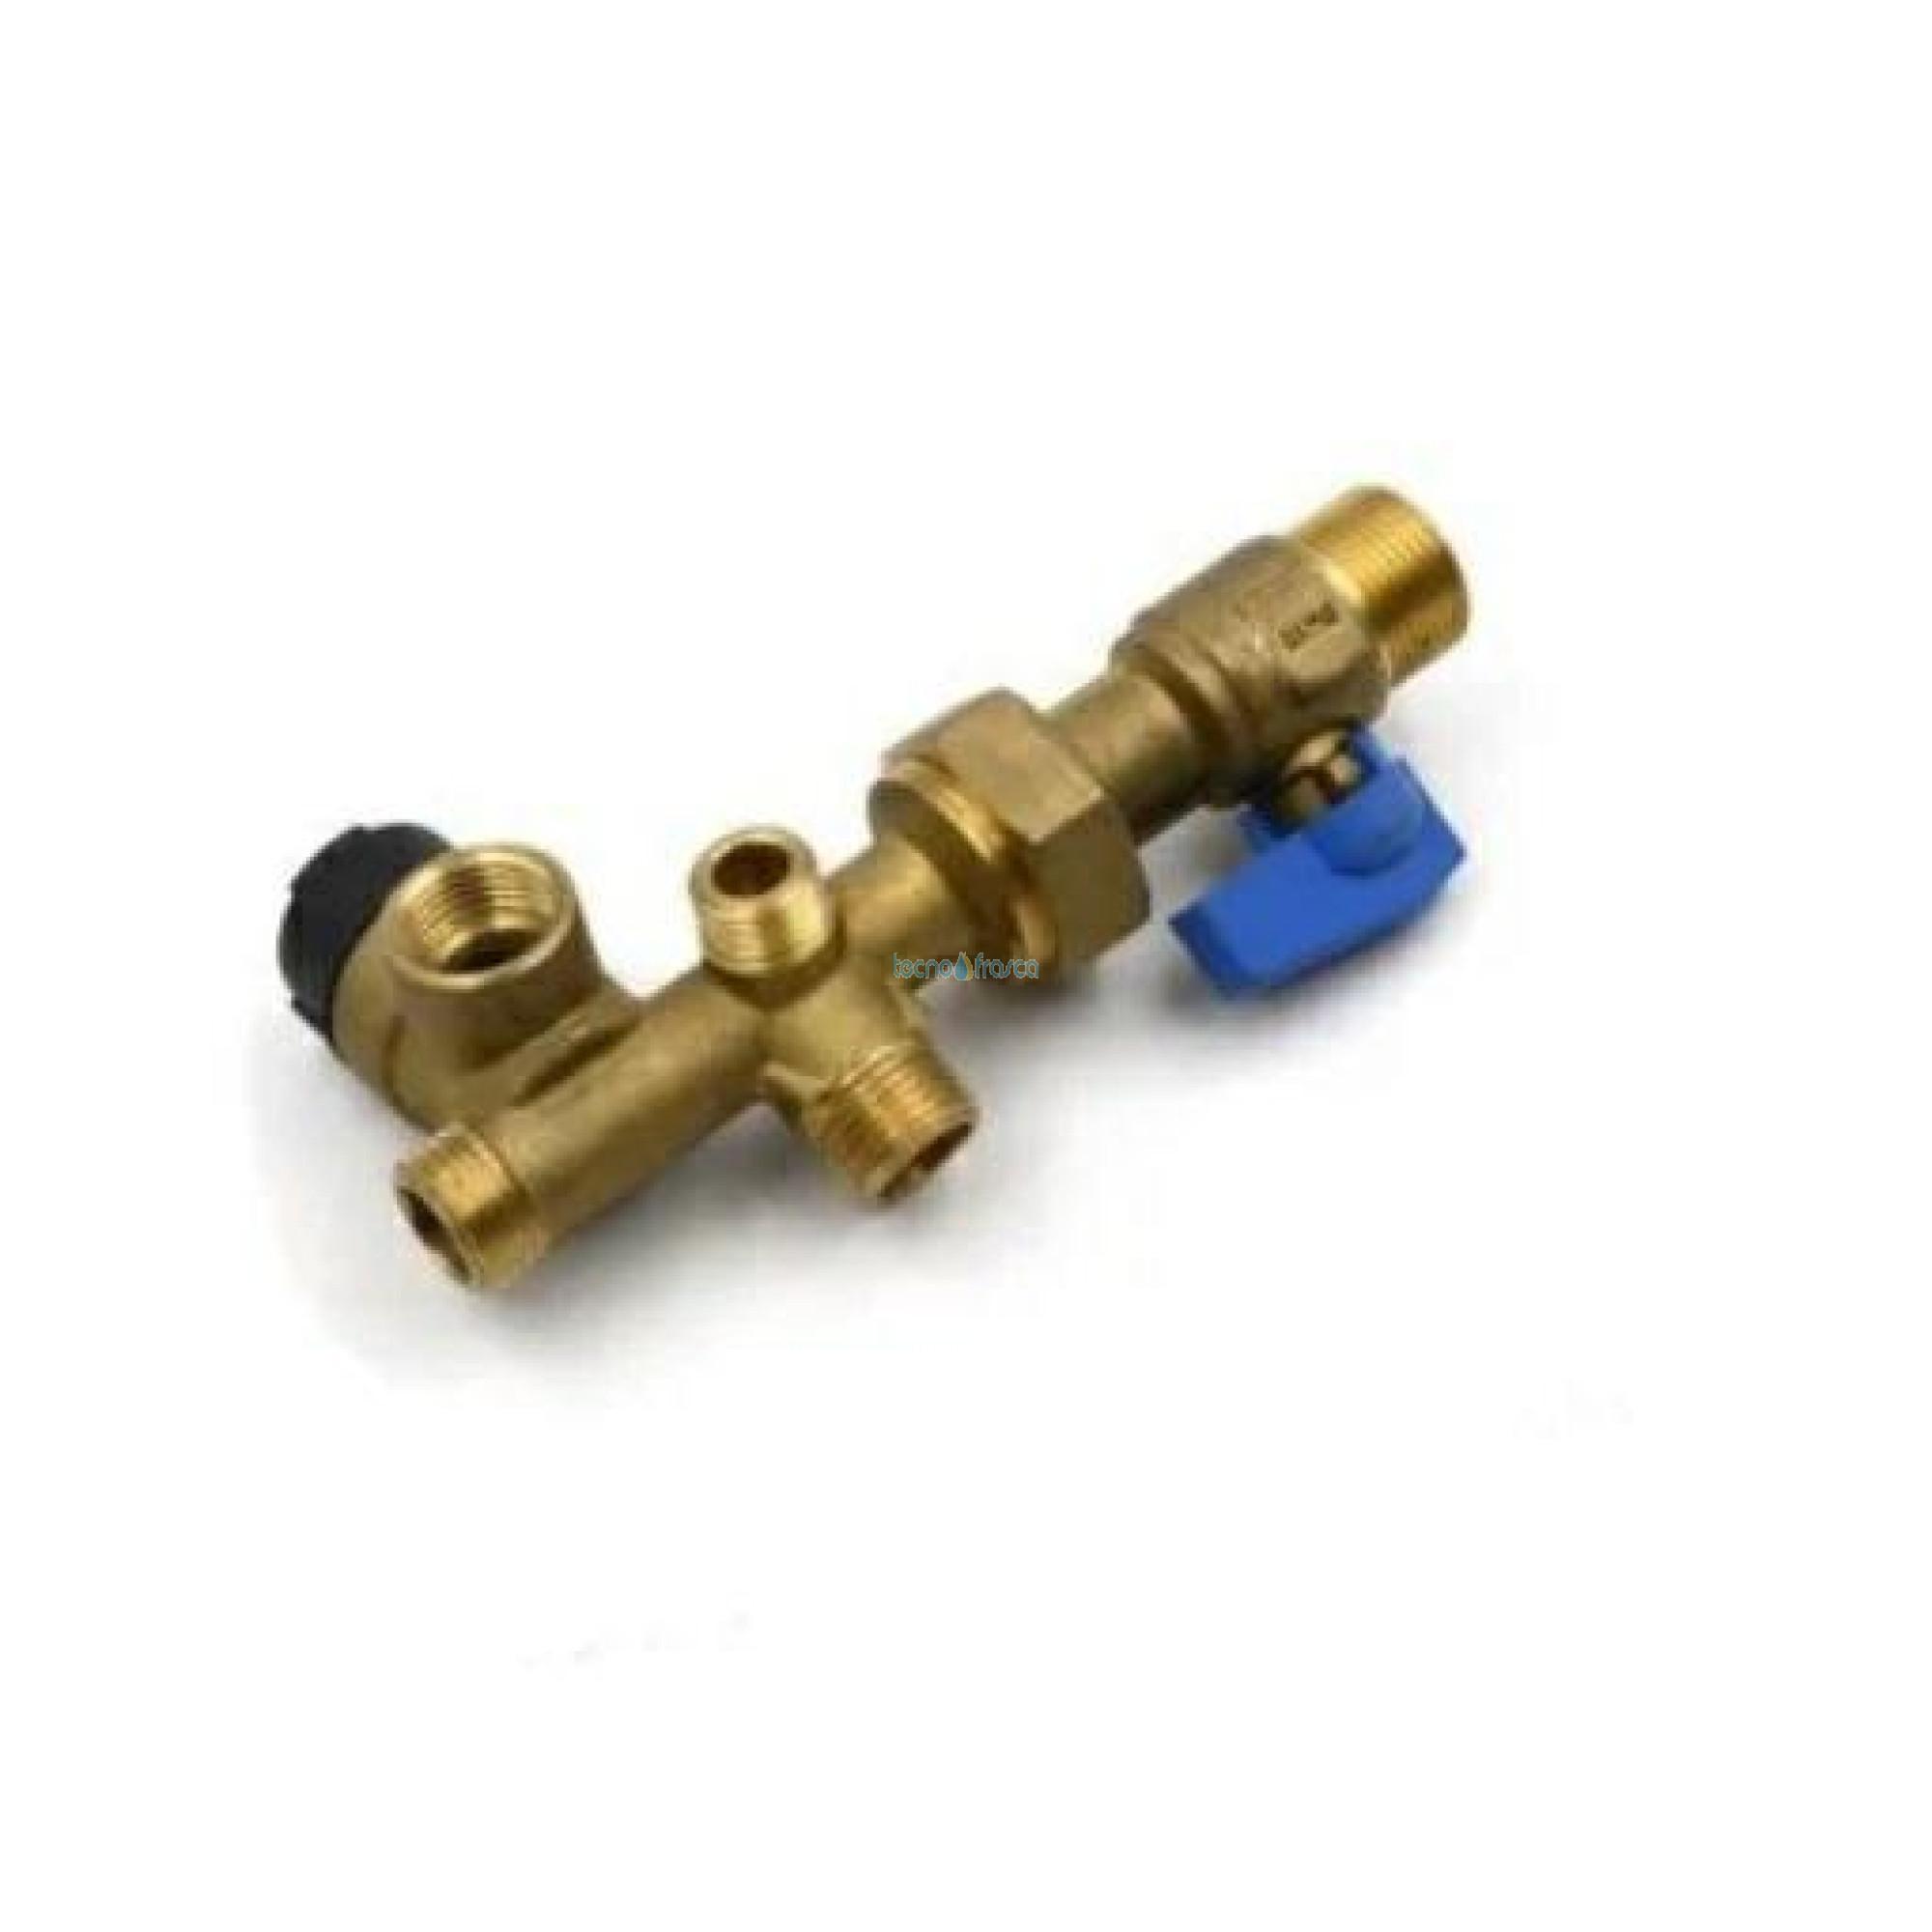 Immergas rubinetto collettore entrata fredda hercules 3.019092